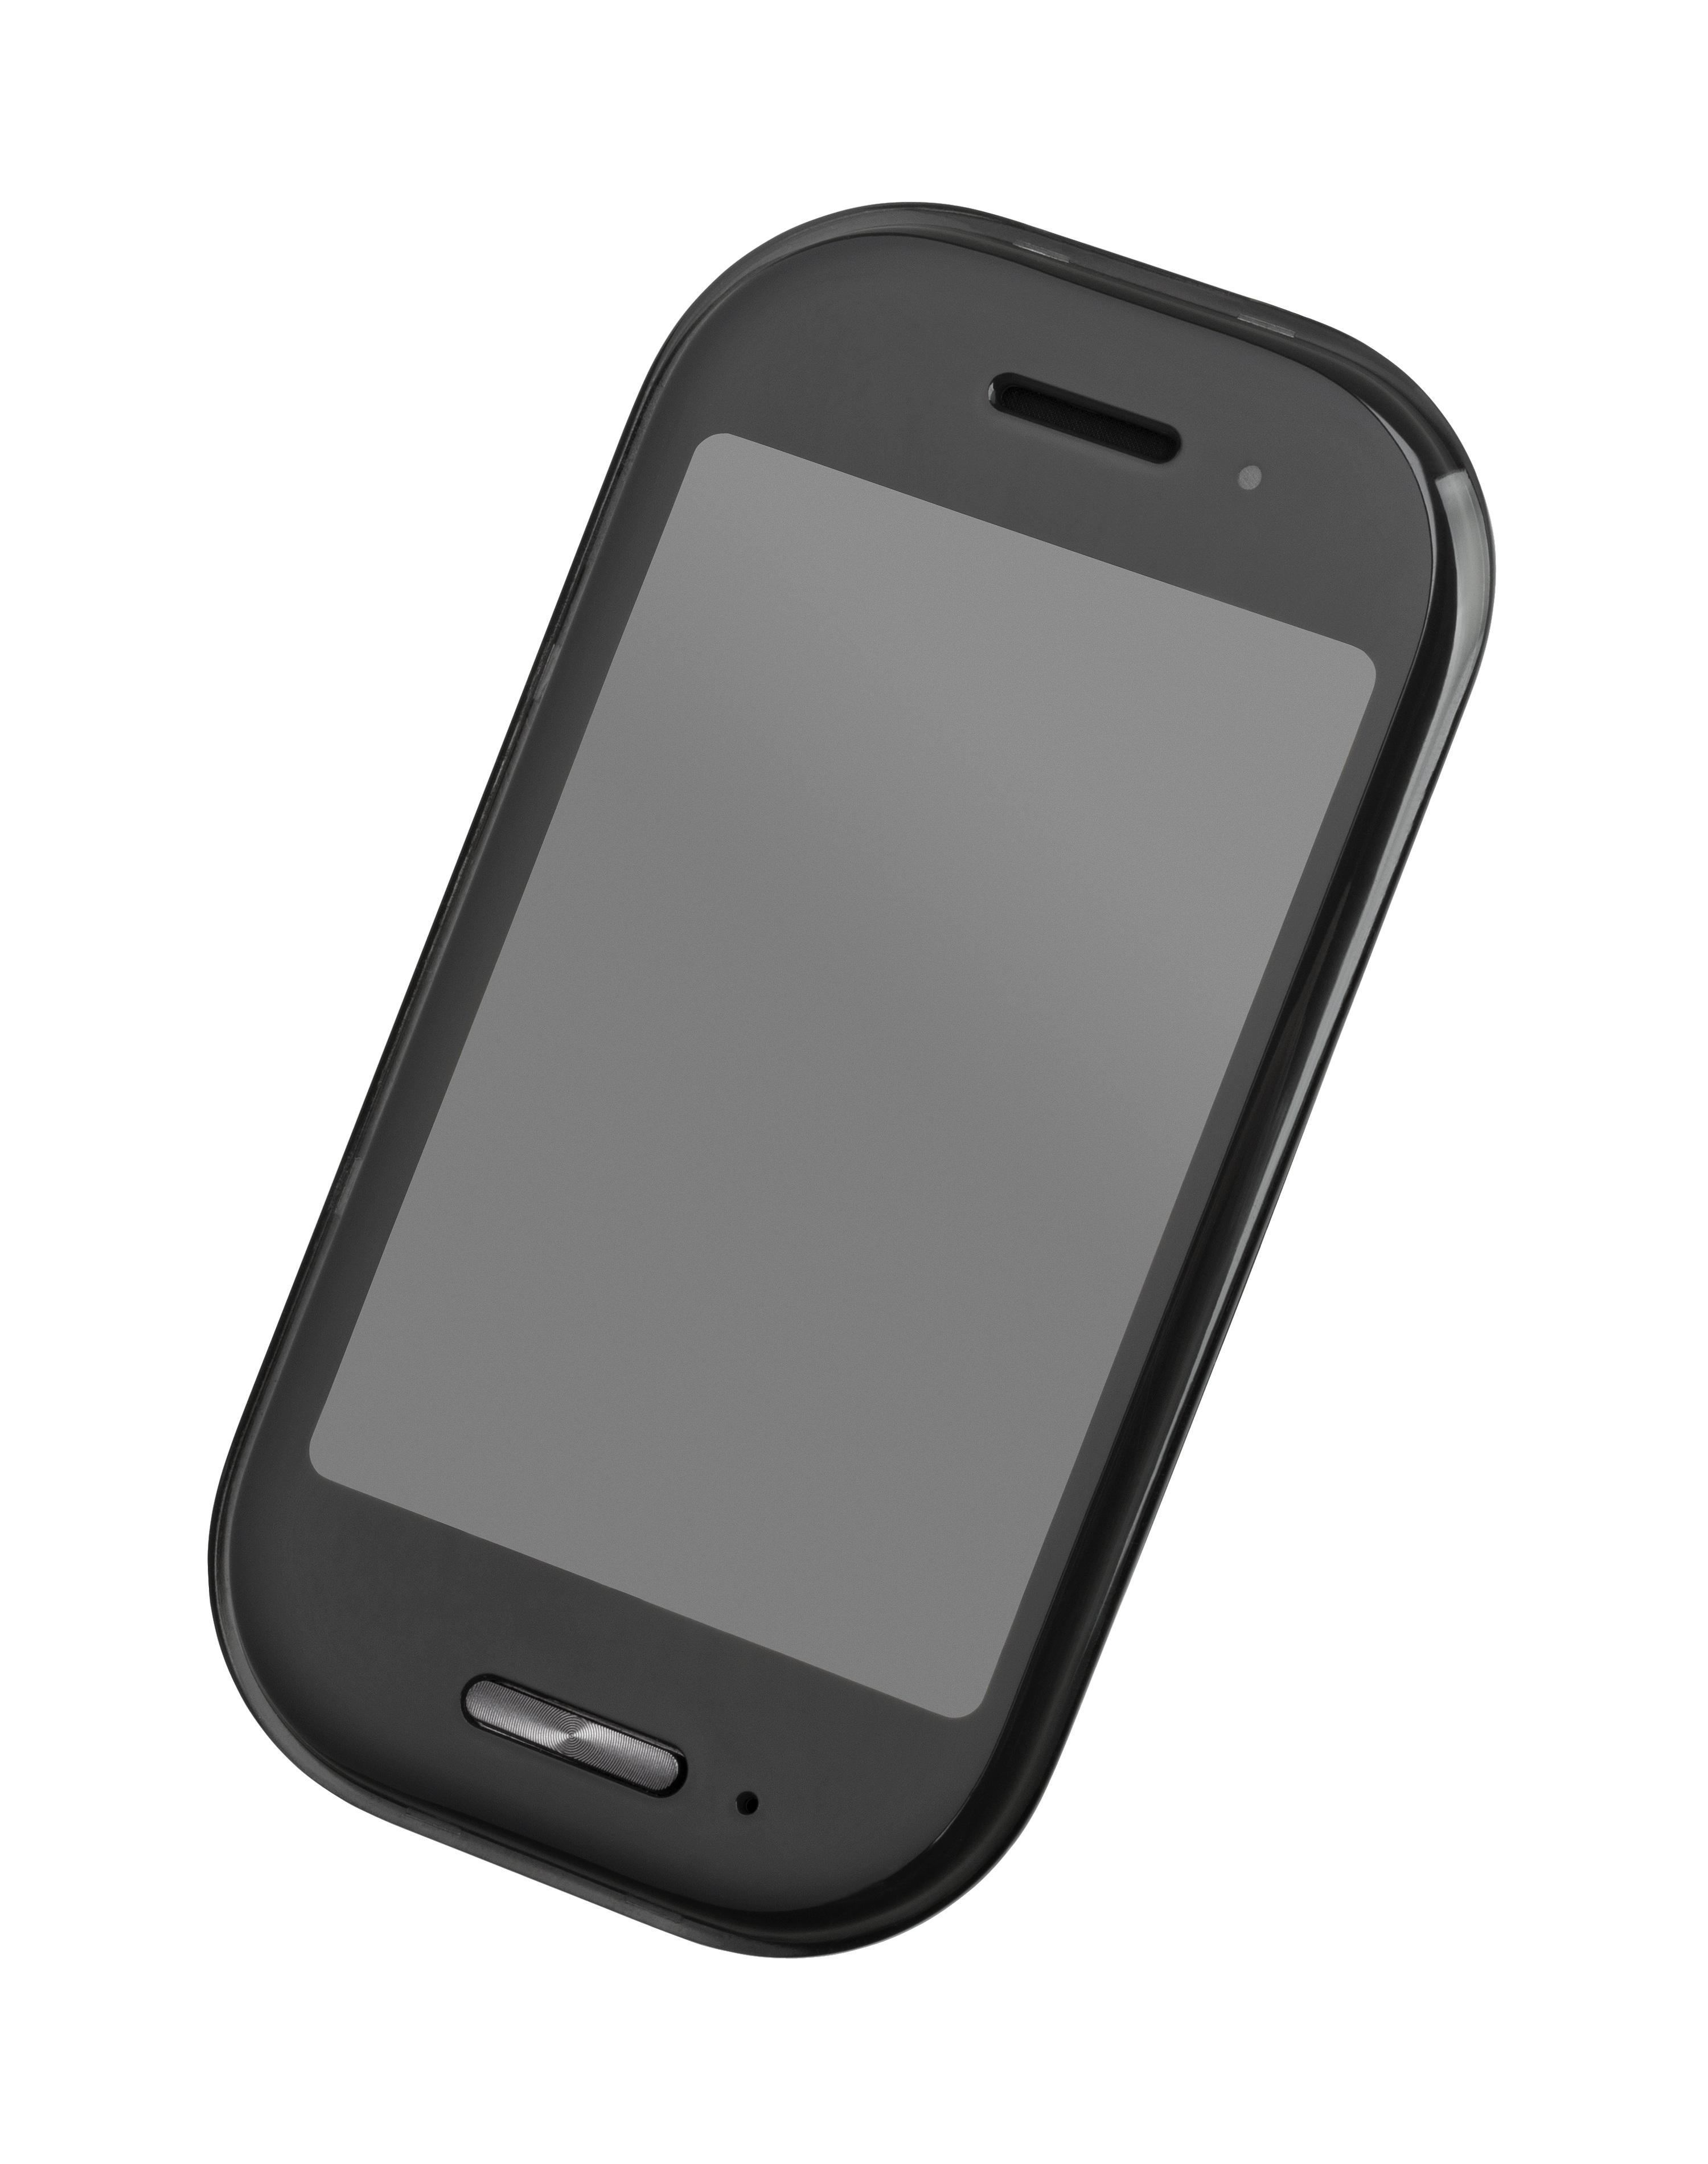 7df0e2853c7 Fotos gratis : Smartphone, agudo, tecnología, artilugio, dos, teléfono móvil,  producto, fuente, Microsoft, dispositivo electronico, Dispositivo de ...